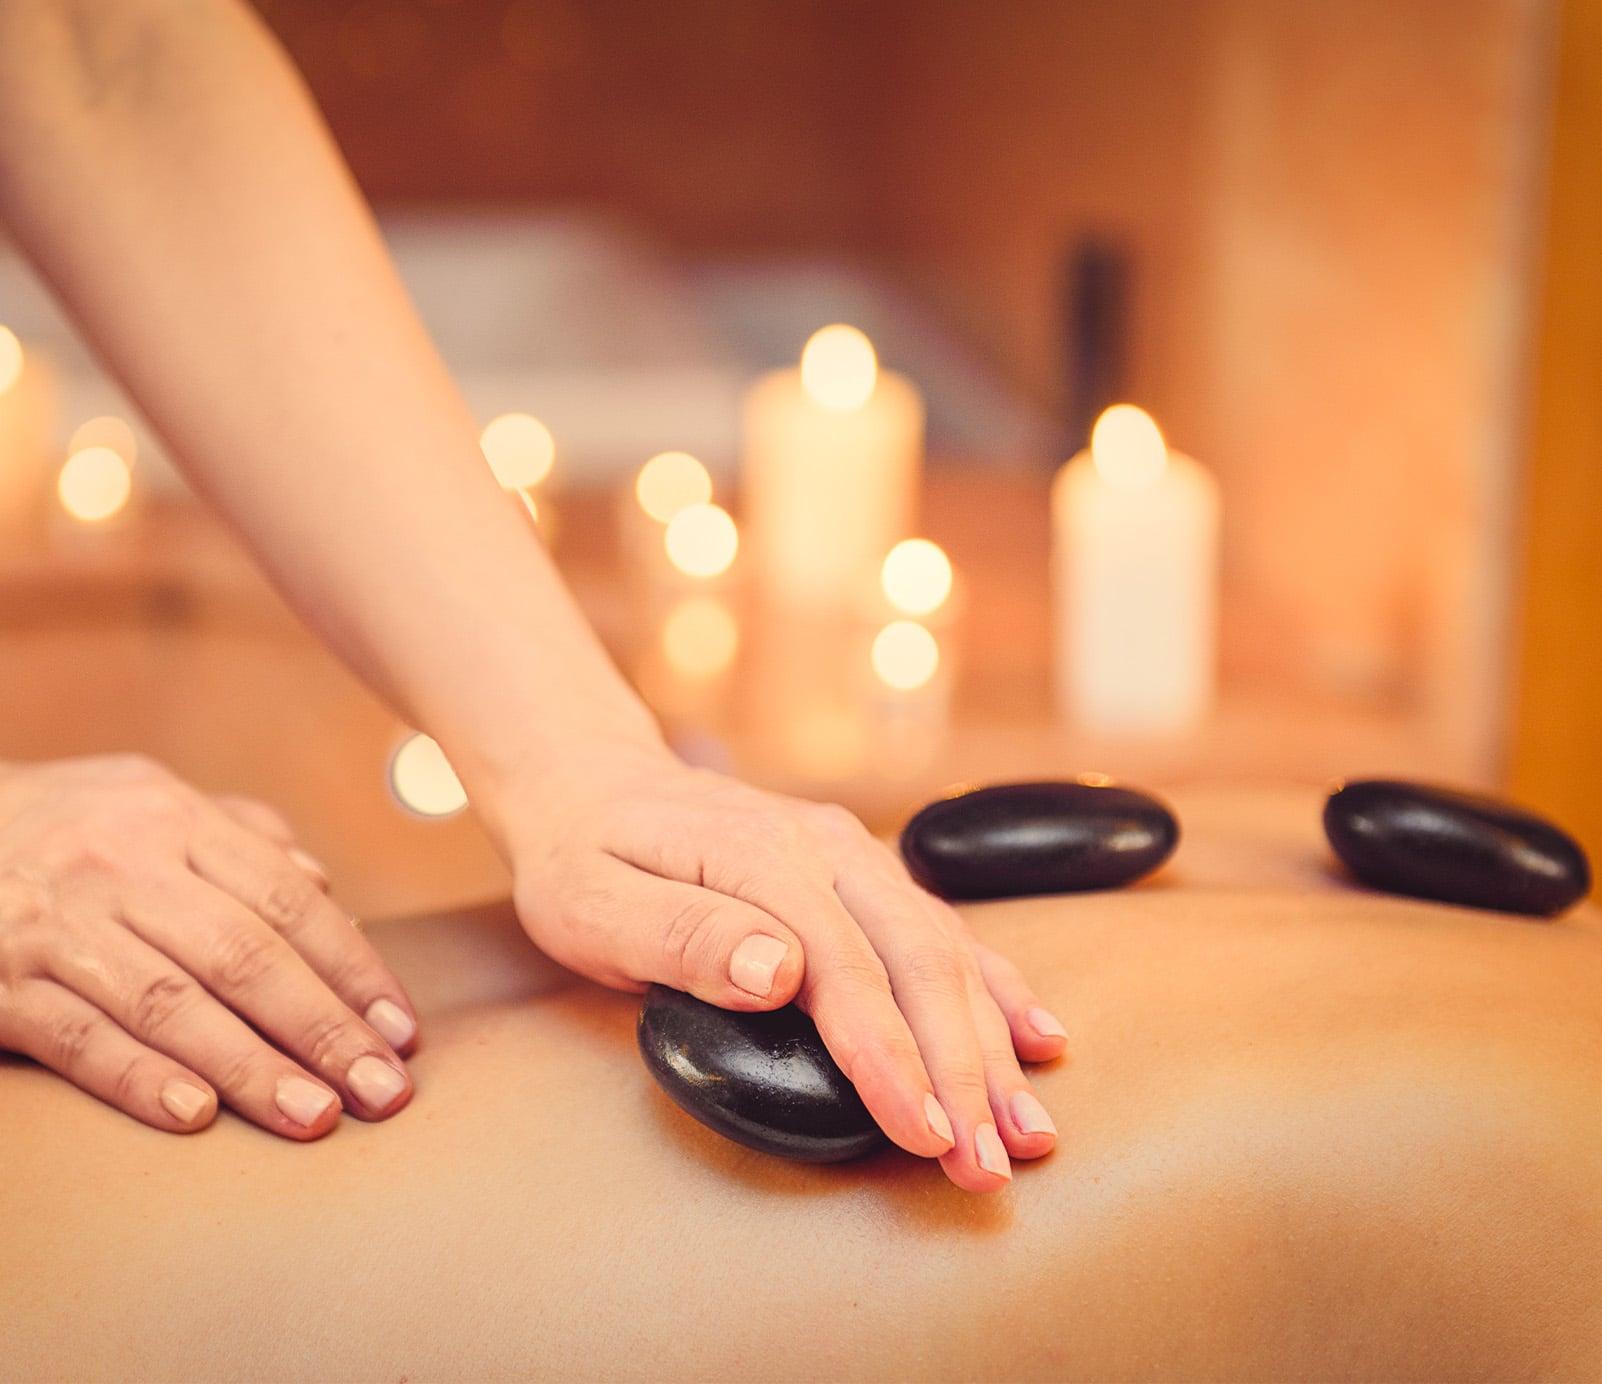 Massage pierre chaudes : soin du corps   découvrez le prix de cette technique à Paris   BCBG